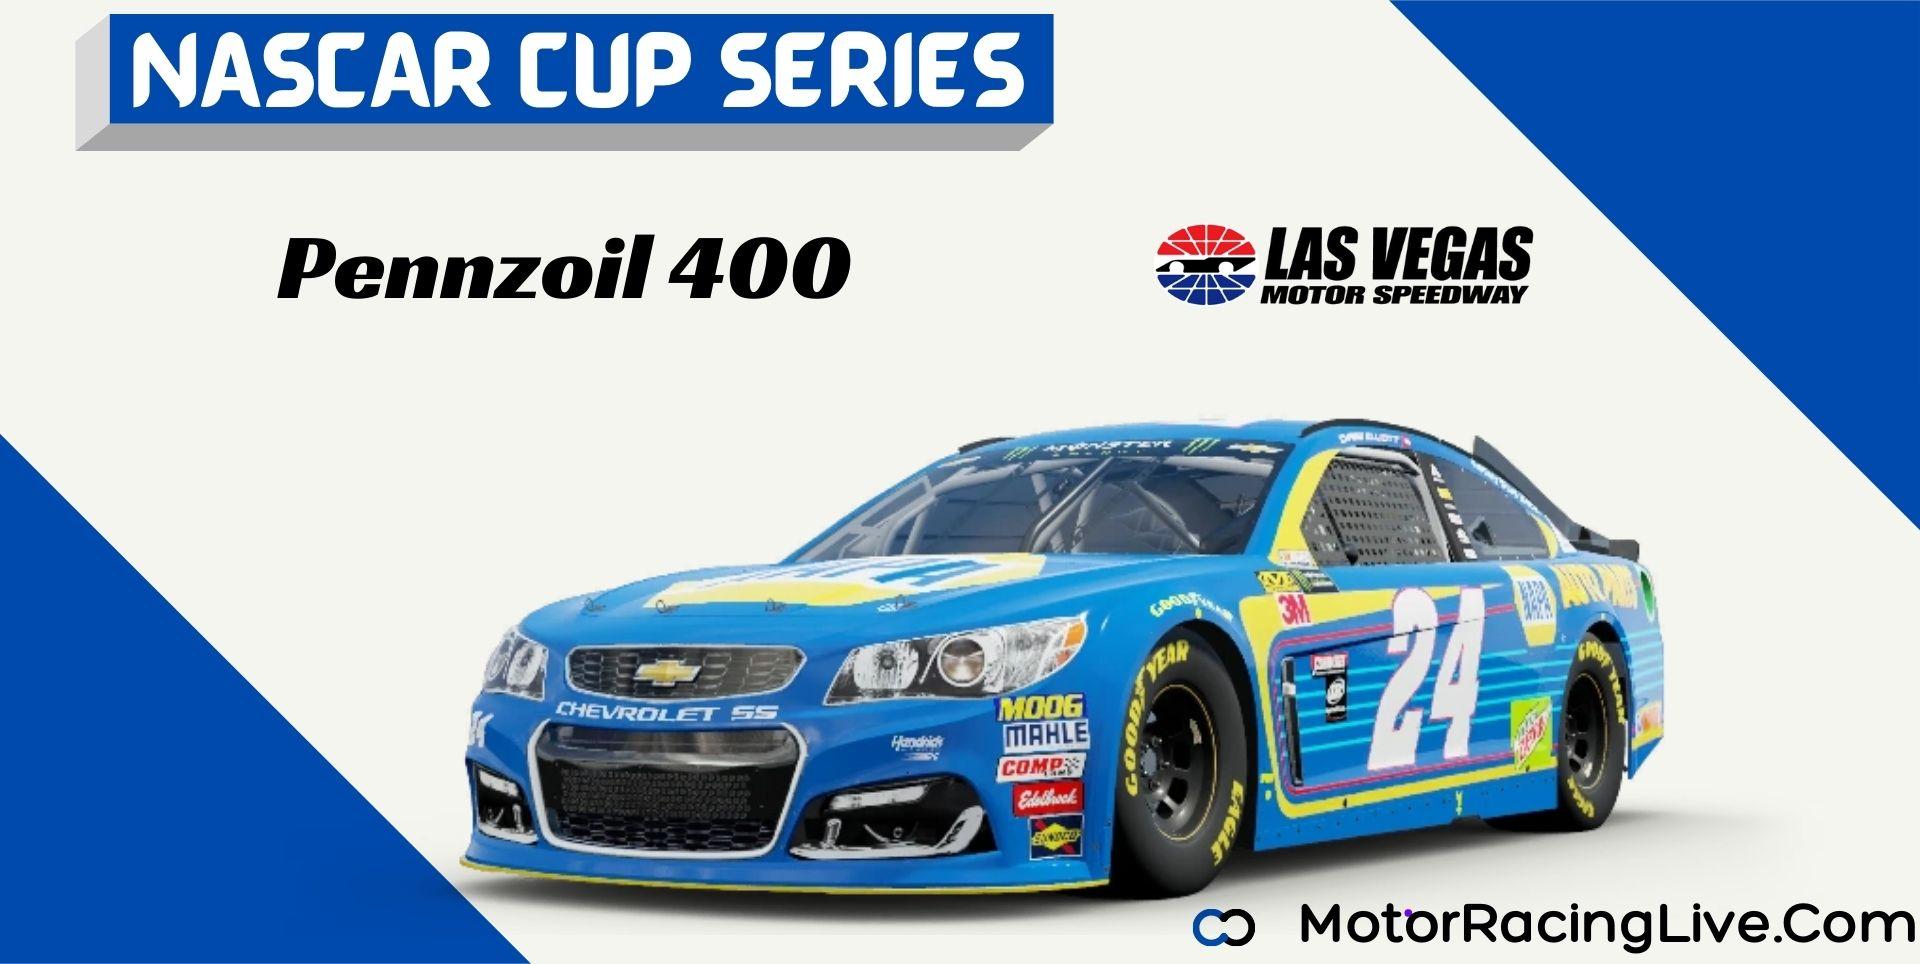 Pennzoil 400 Nascar Cup 2021 Live Stream